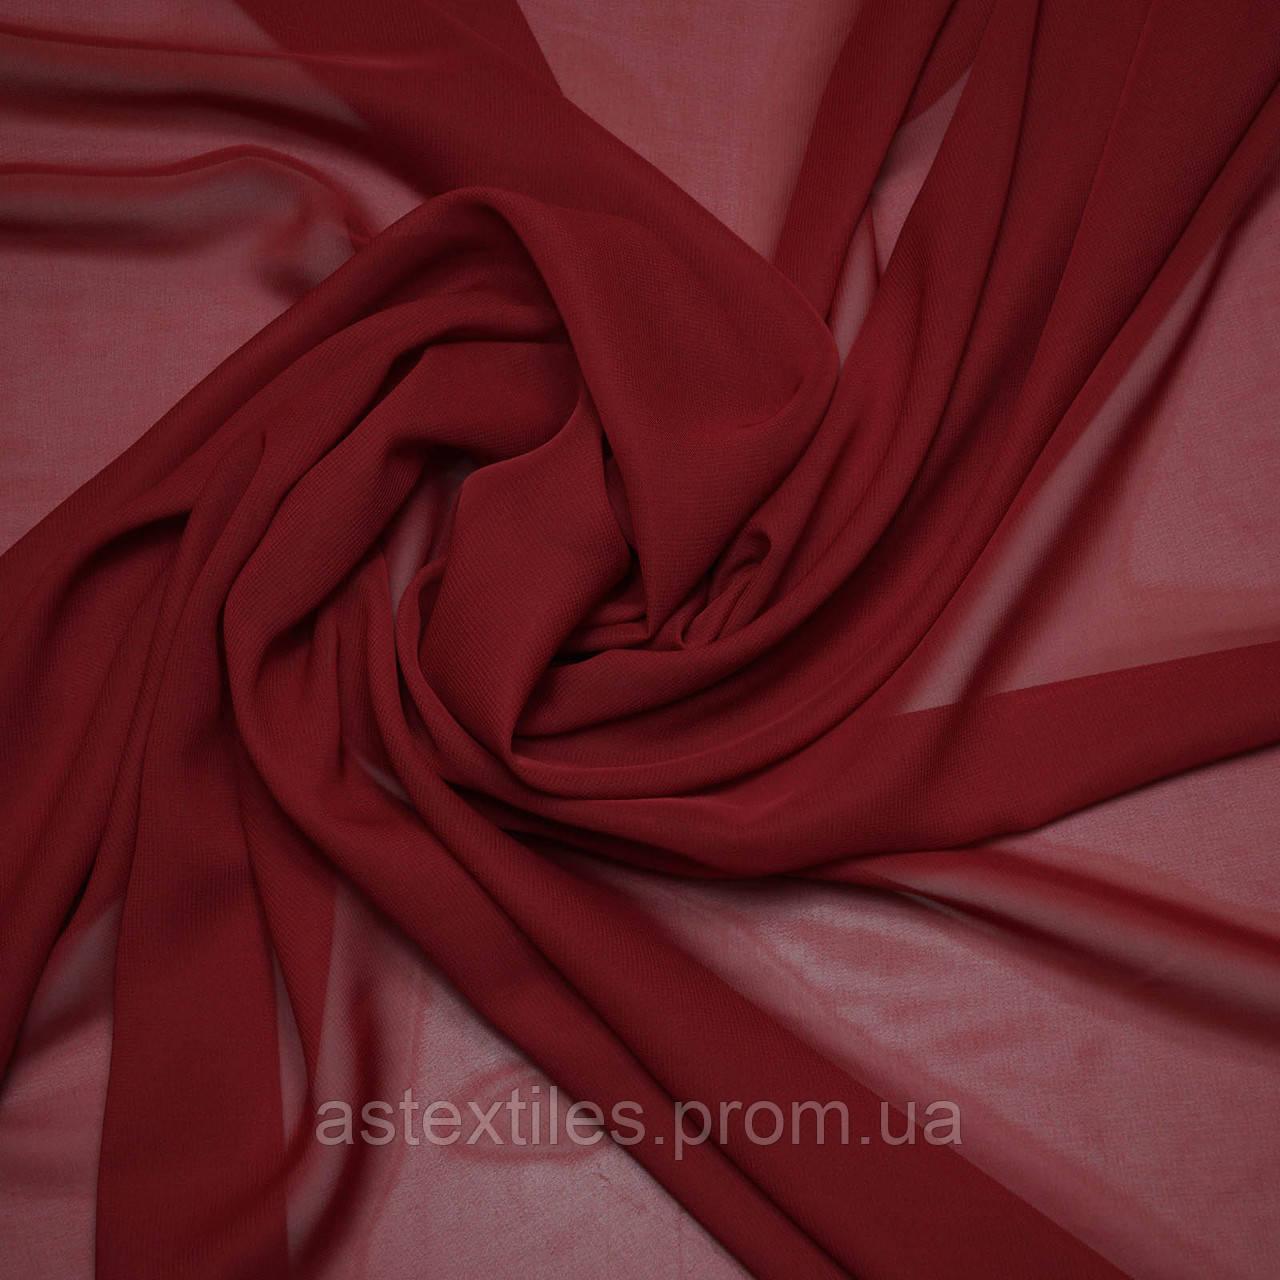 Шифон одежный однотонный (светло-бордовый)